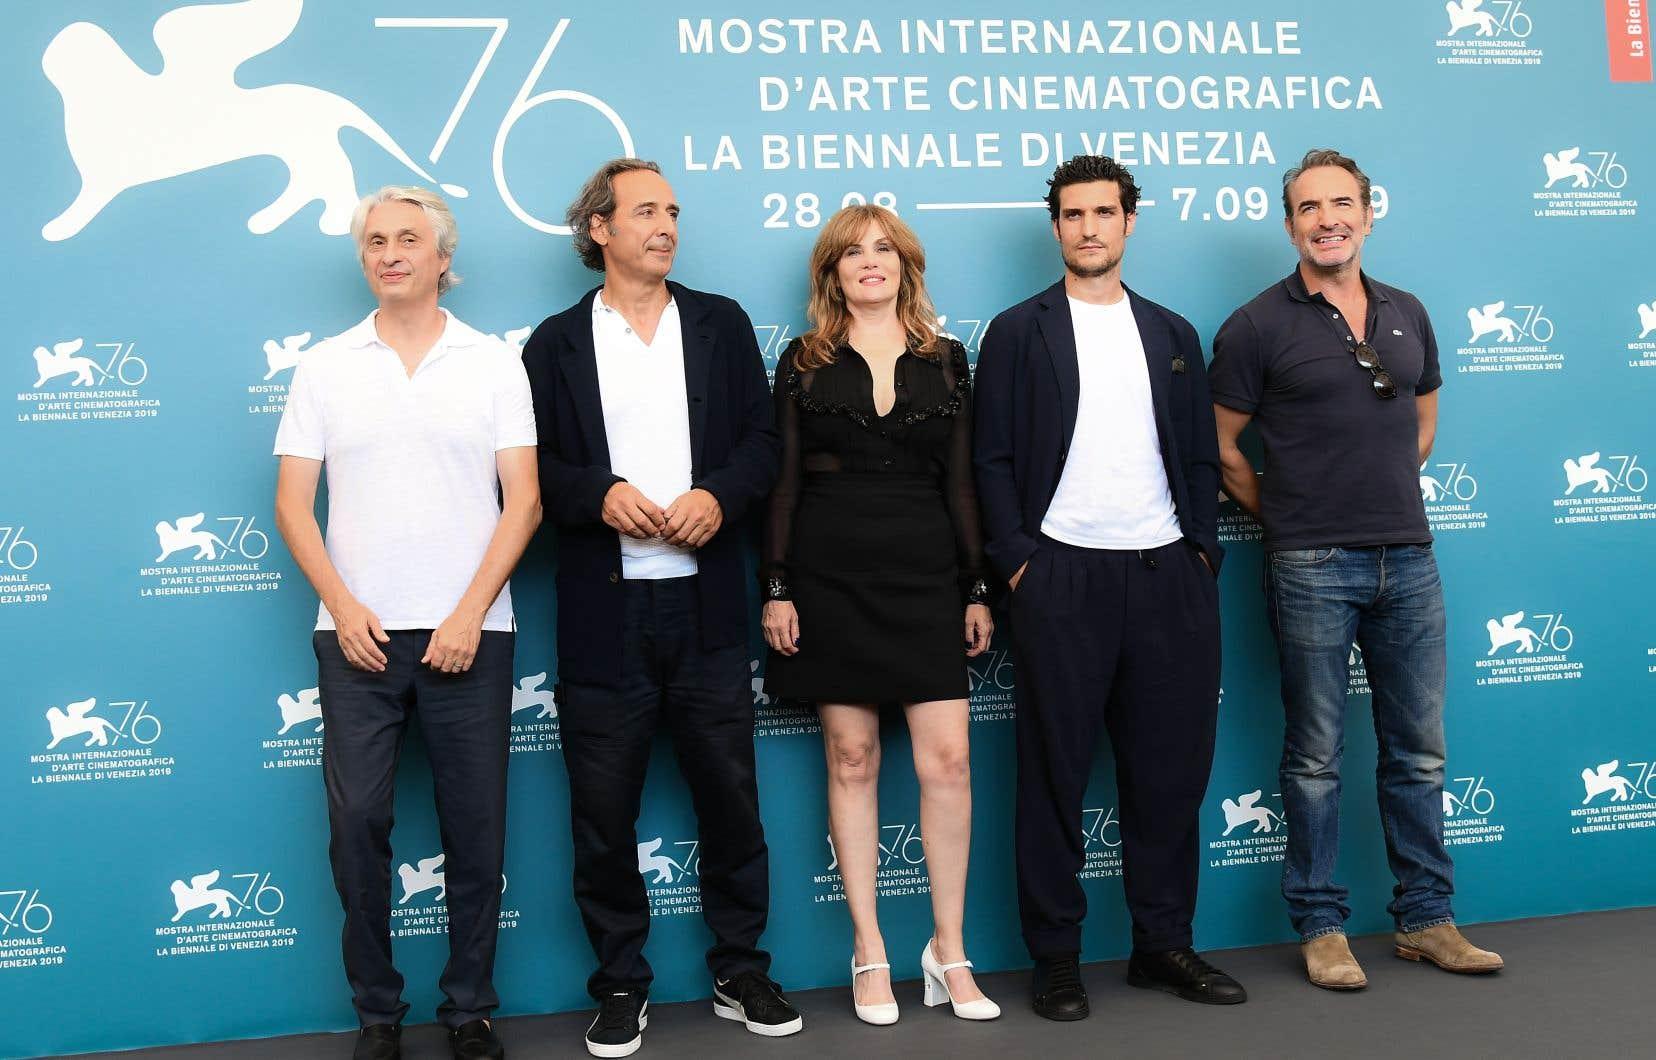 Le producteur Alain Goldman, le compositeur Alexandre Desplat, les acteurs Emmanuelle Seigner, Louis Garrel et Jean Dujardin assistent à une séance photo pour le film «J'accuse» lors du 76ème festival du film de Venise.